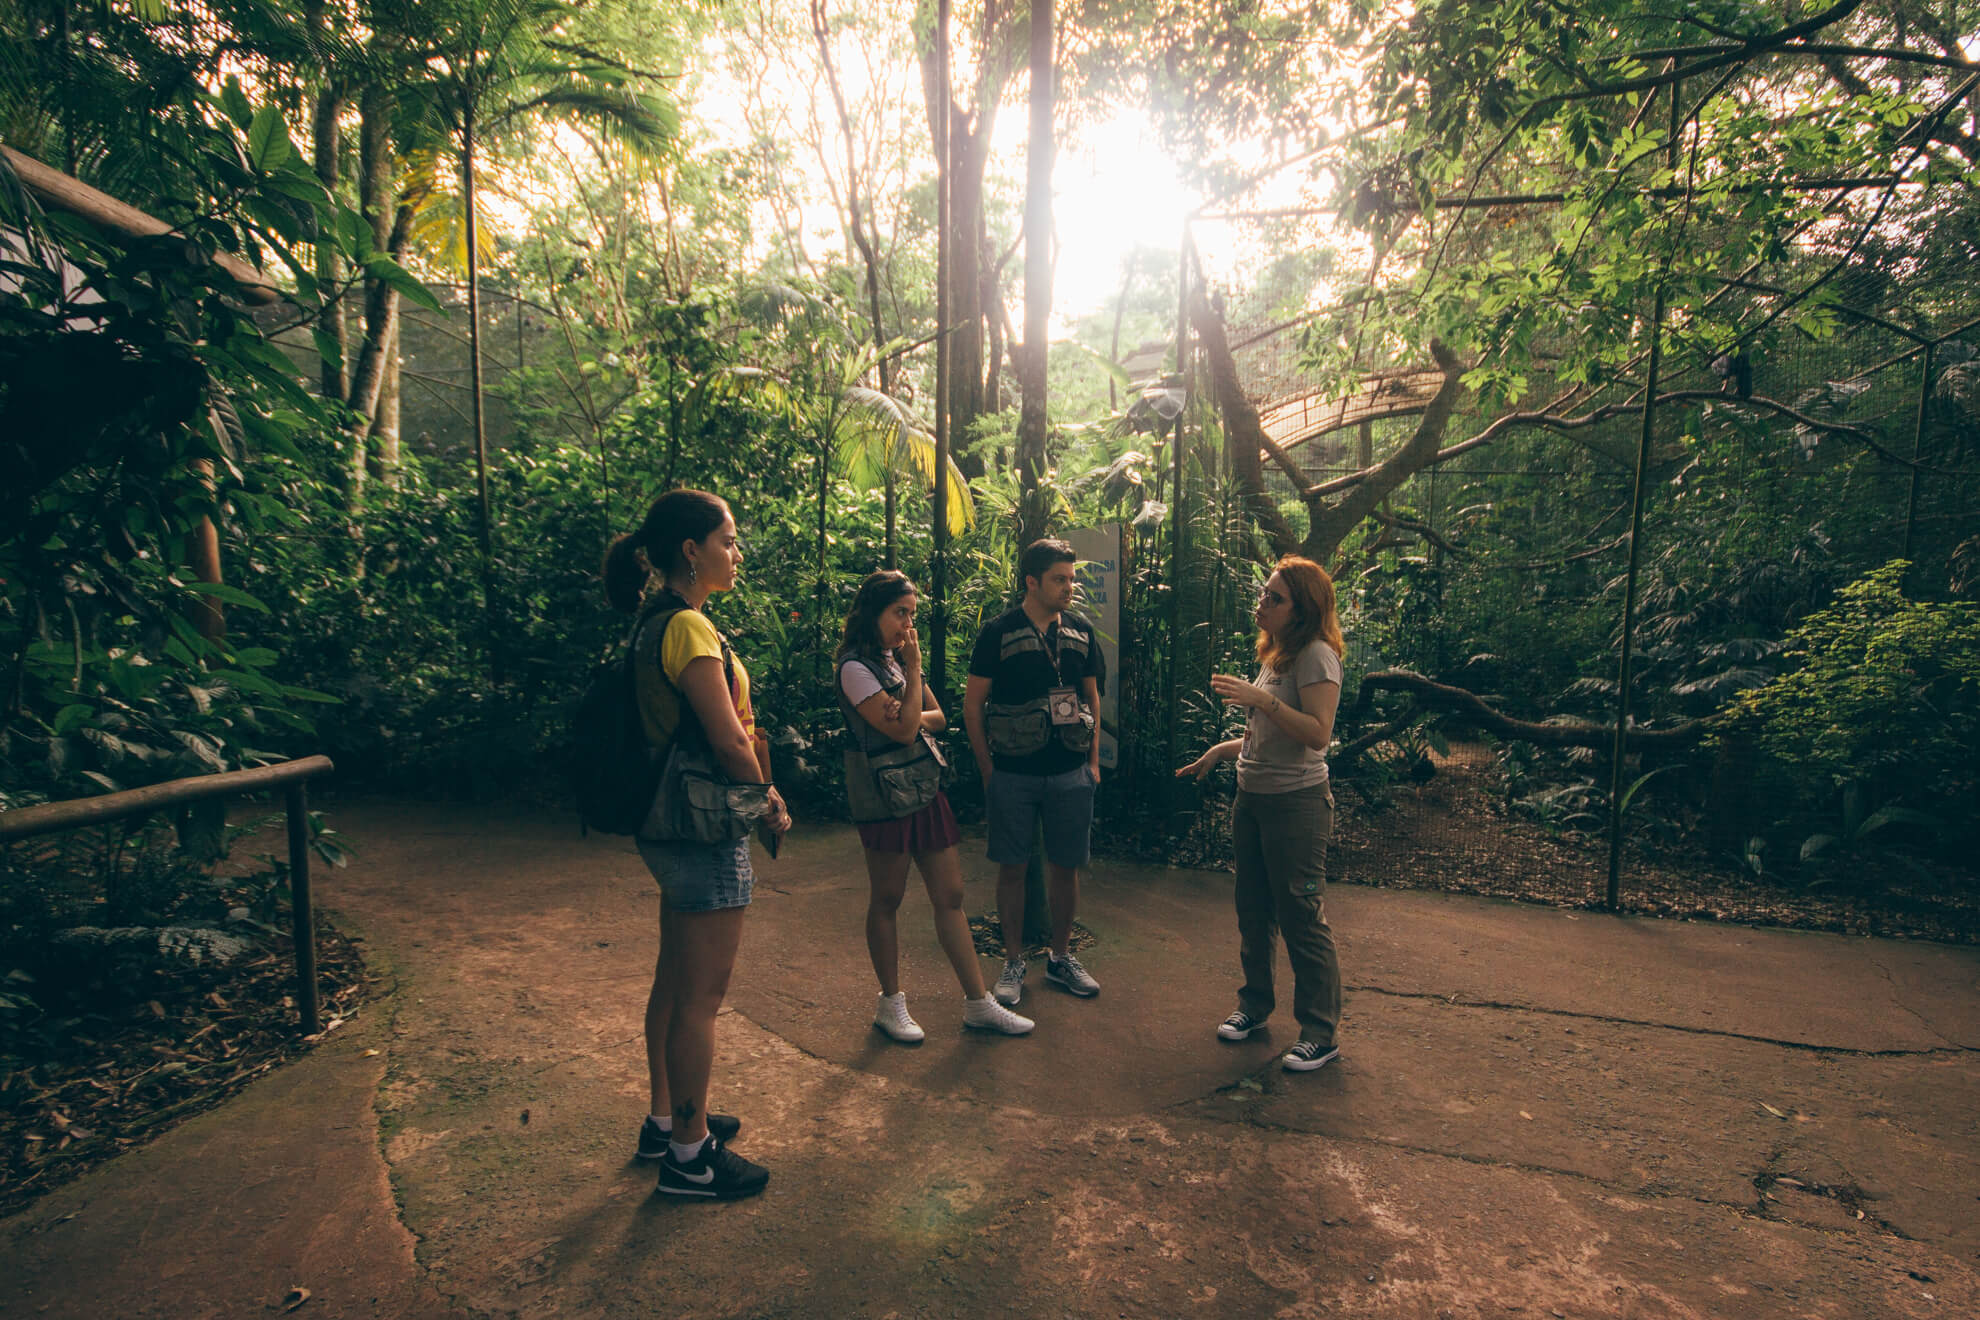 Andressa nos explicando detalhes sobre o Parque - Backstage Experience, Parque das Aves